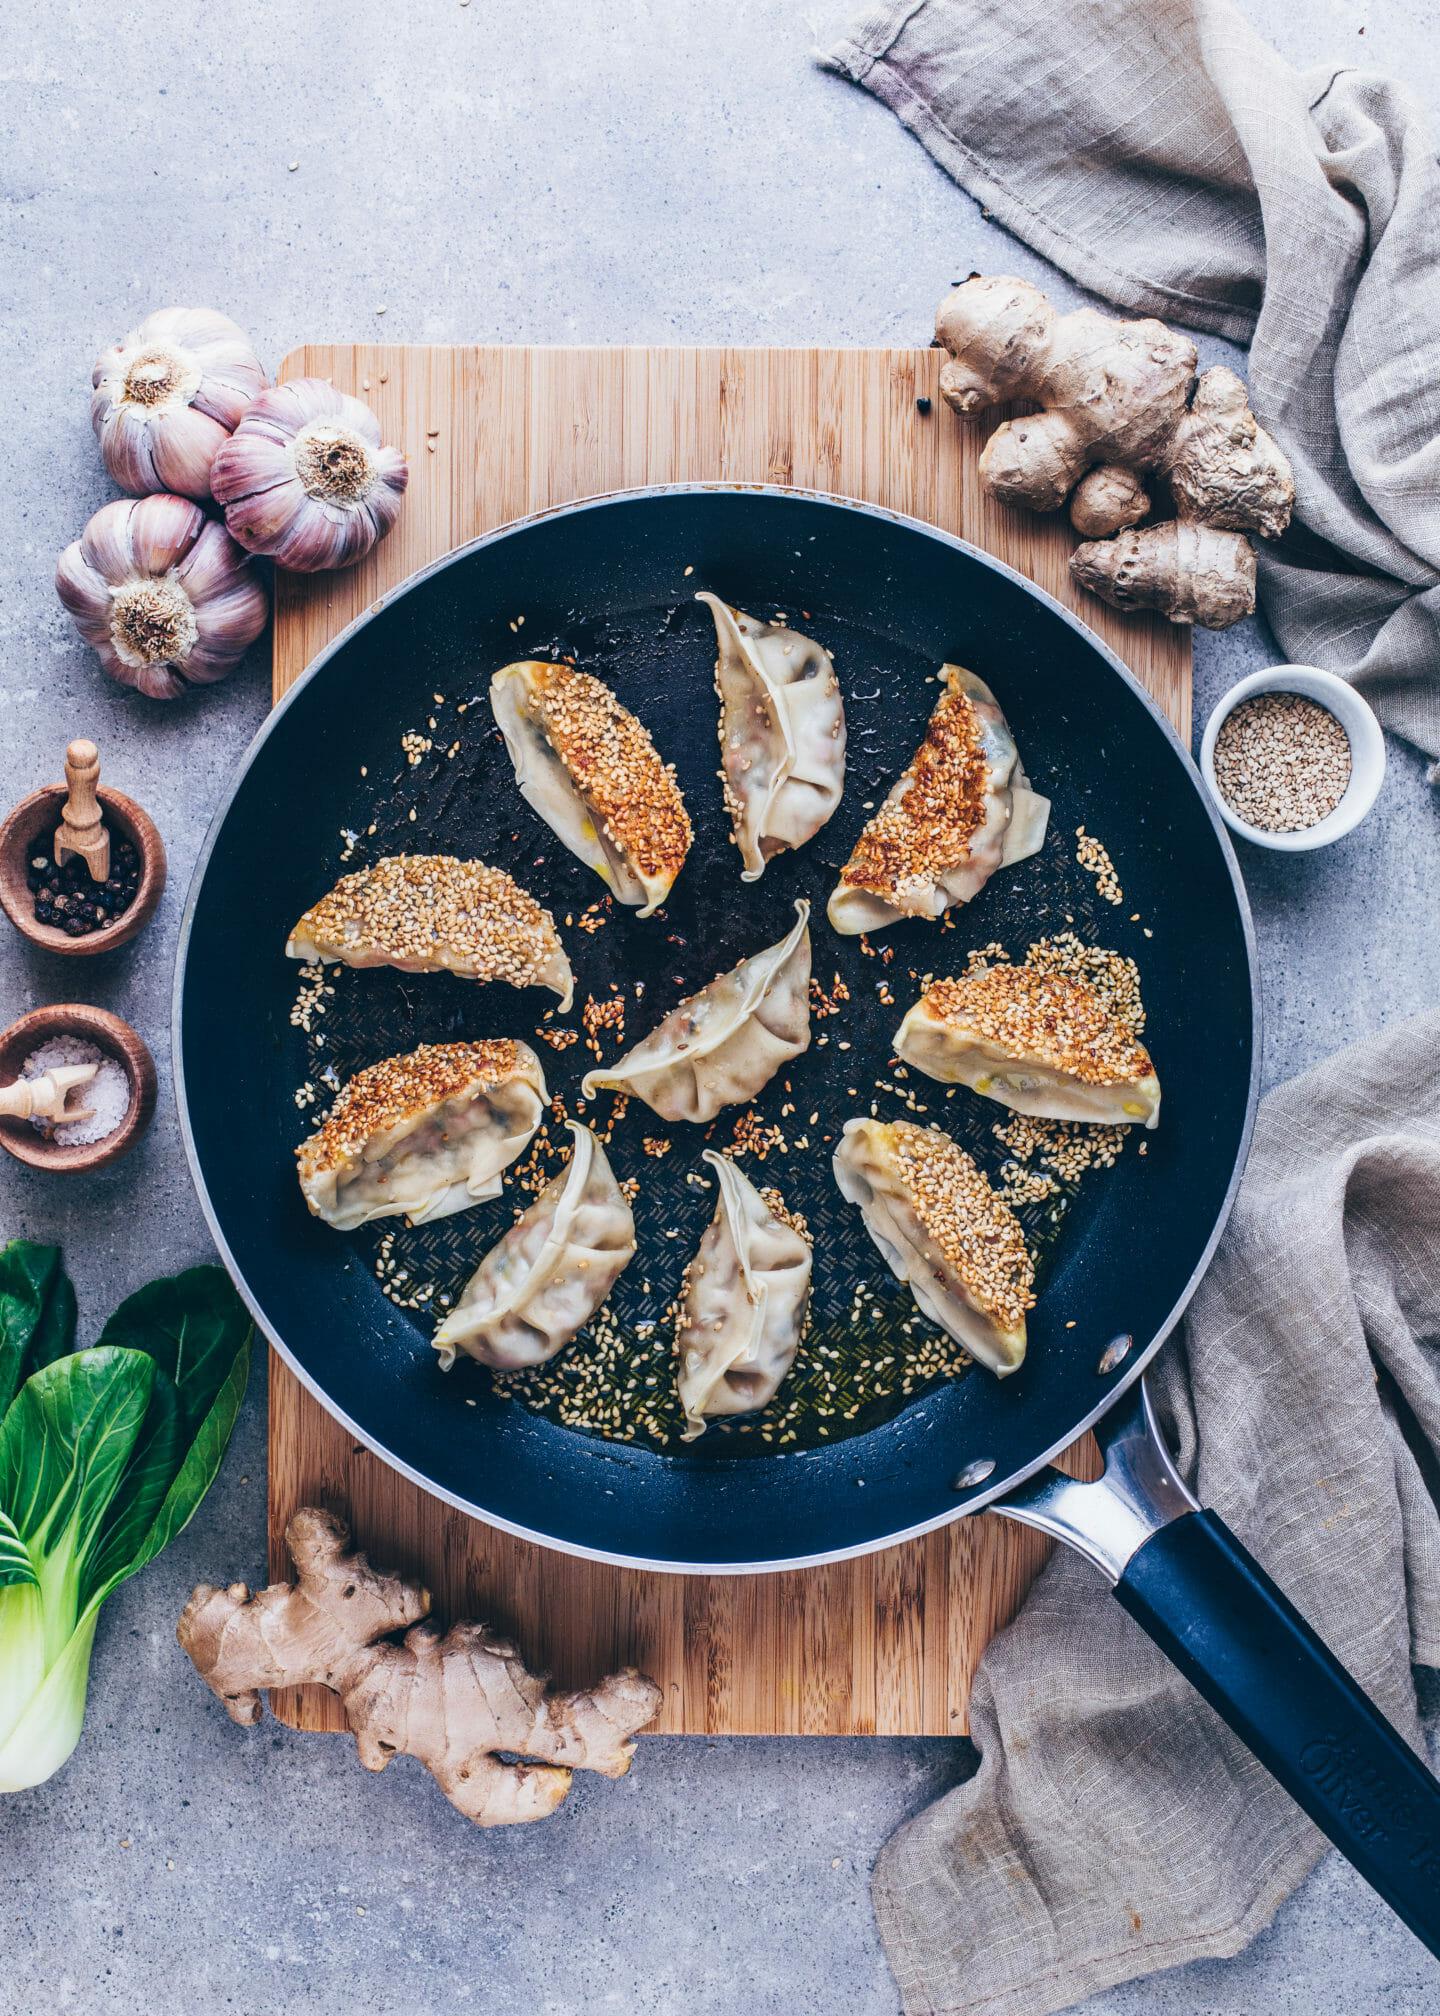 Asiatische Teigtaschen Gemüse-Gyoza Dumplings mit Sesam